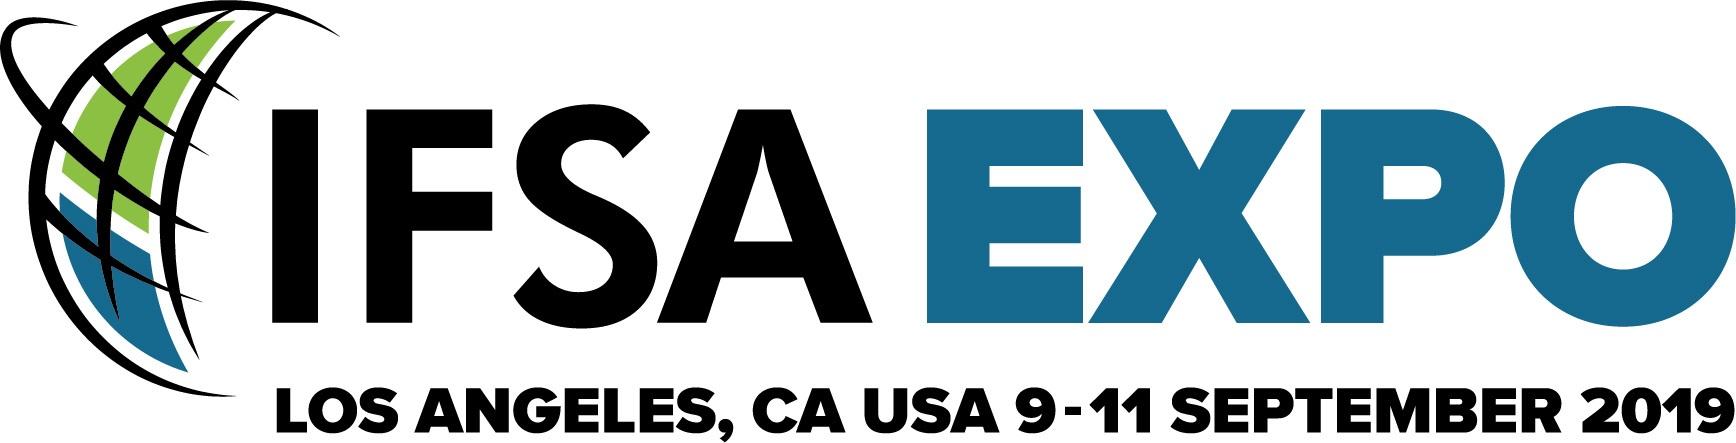 ifsa expo 2019 logo